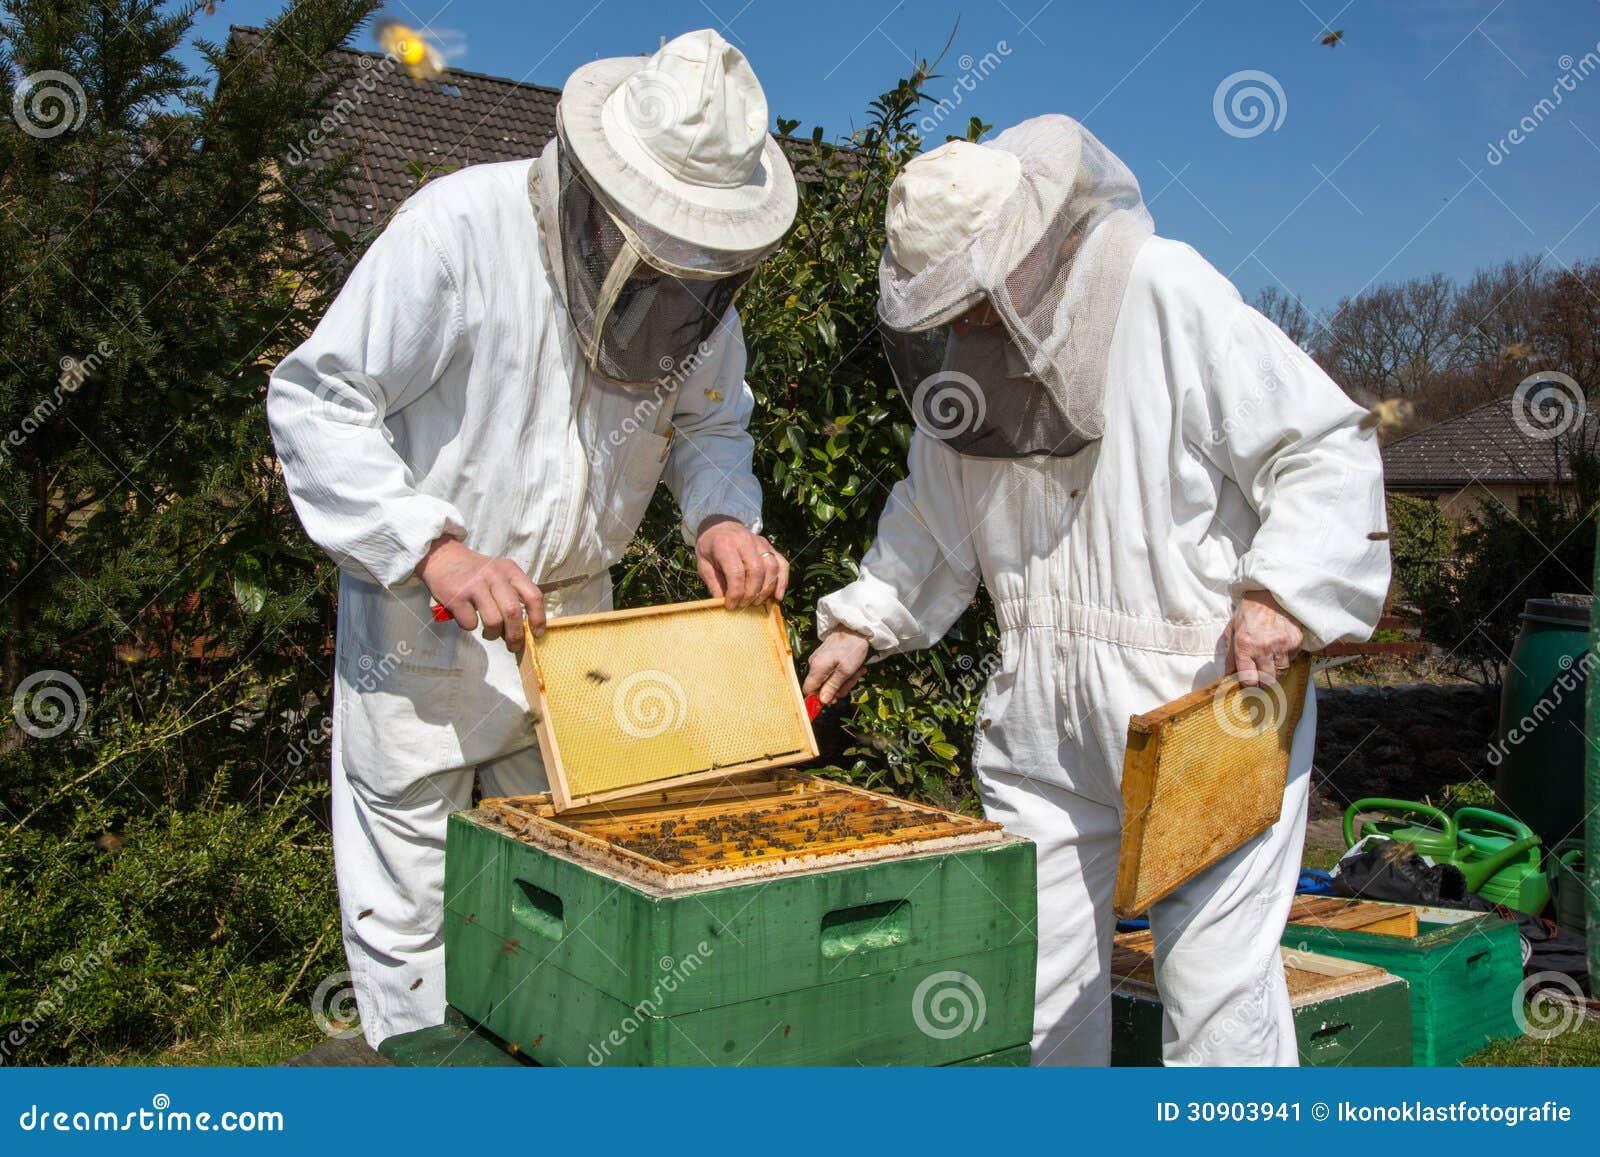 Twee beekeepers die bijenbijenkorf handhaven